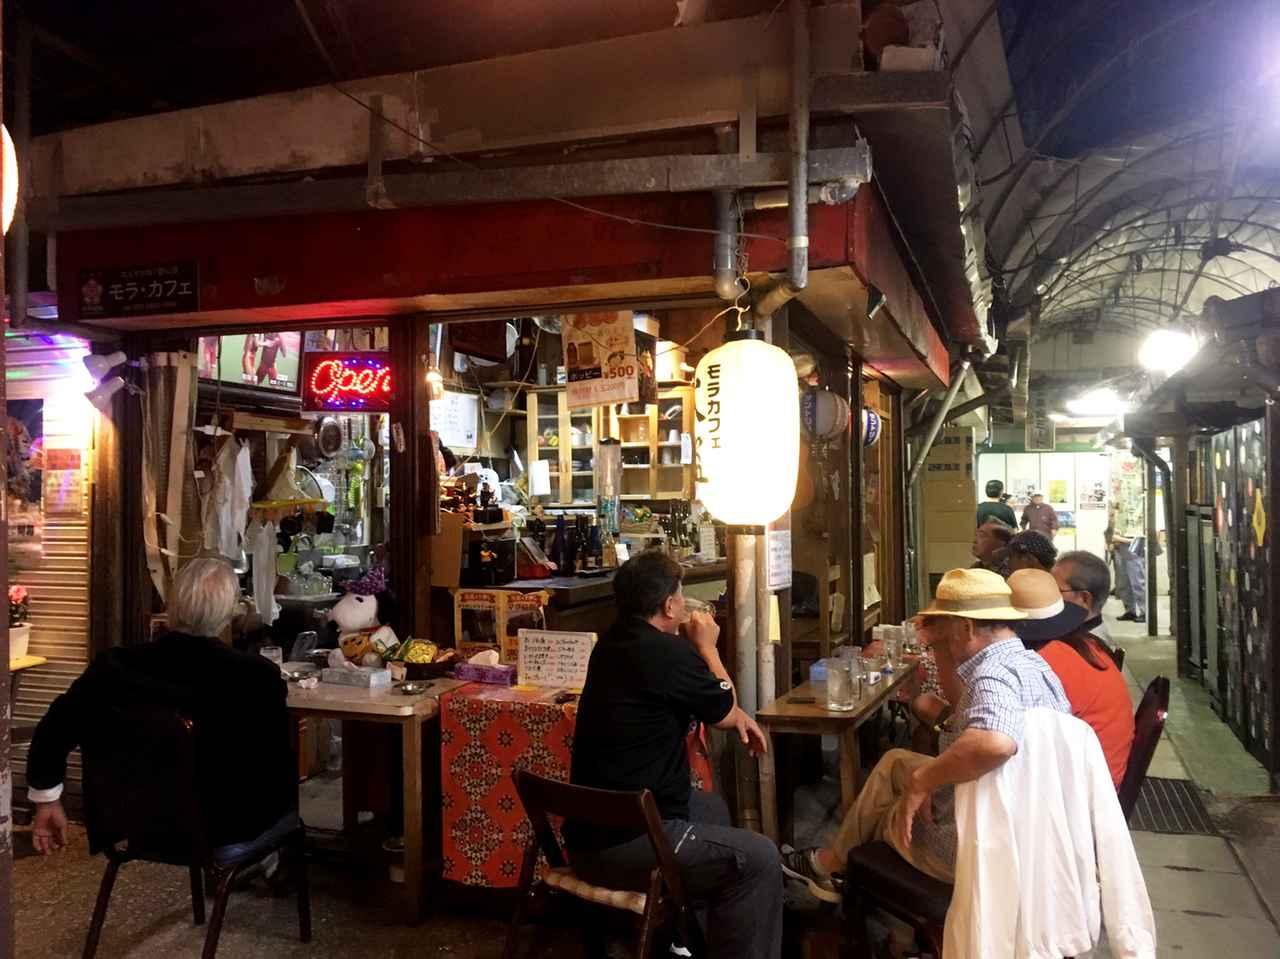 画像1: 沖縄は酒場探訪も楽しみのひとつ♪